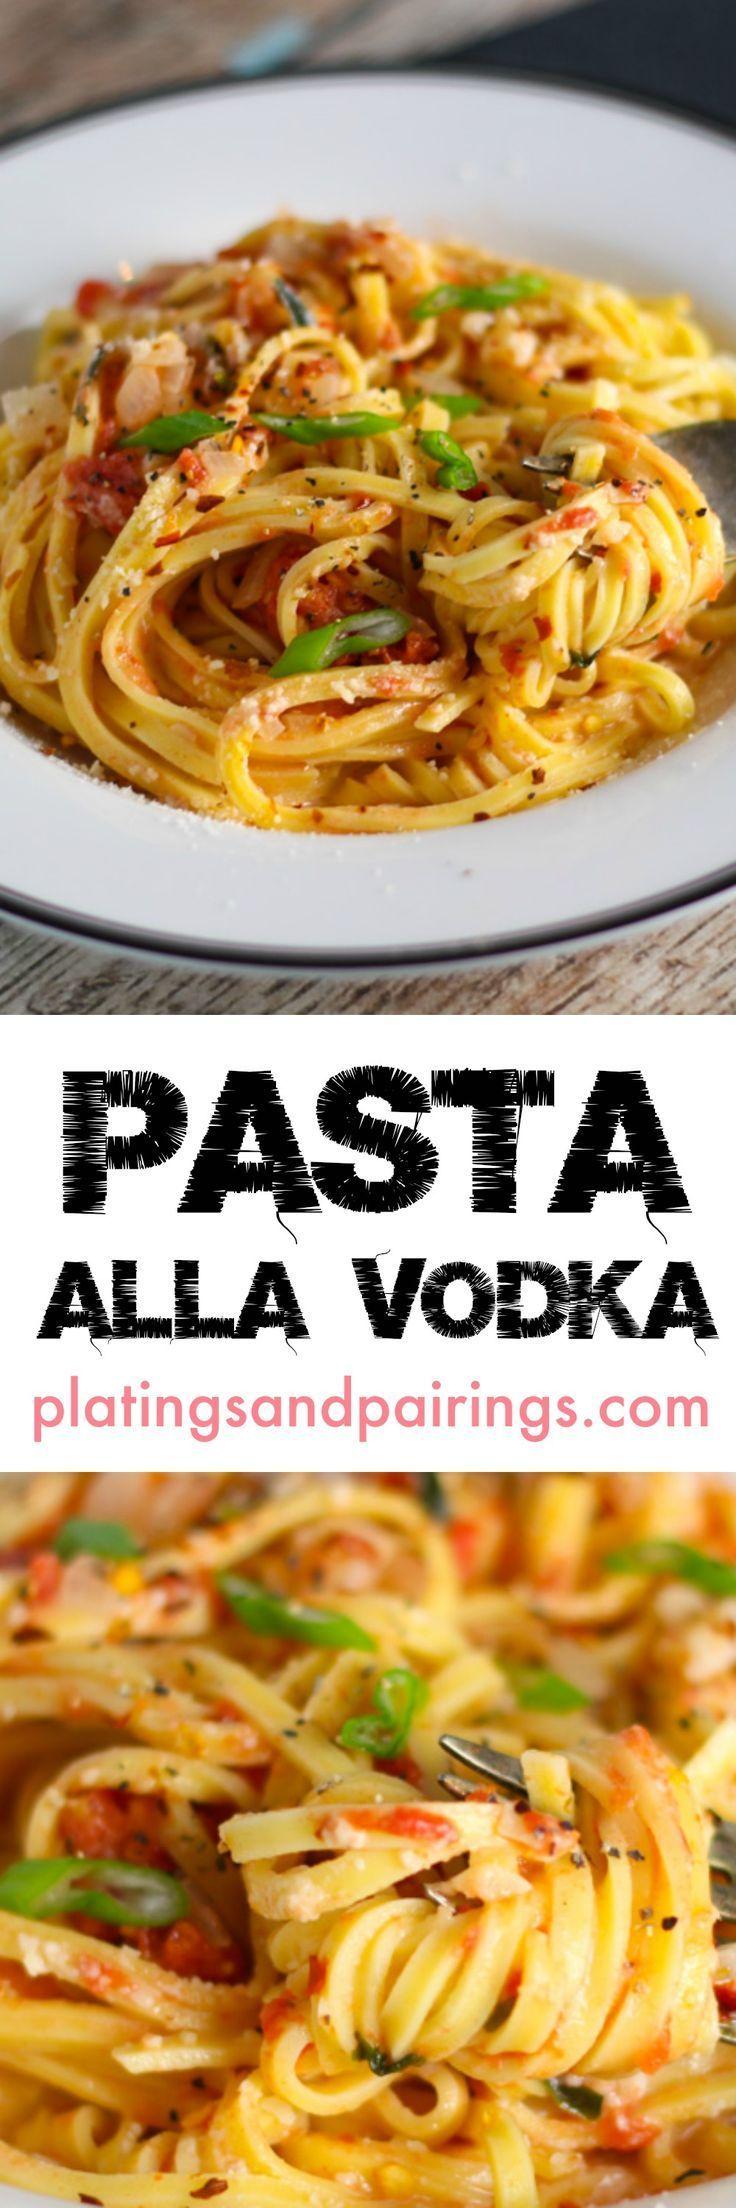 Pasta alla vodka